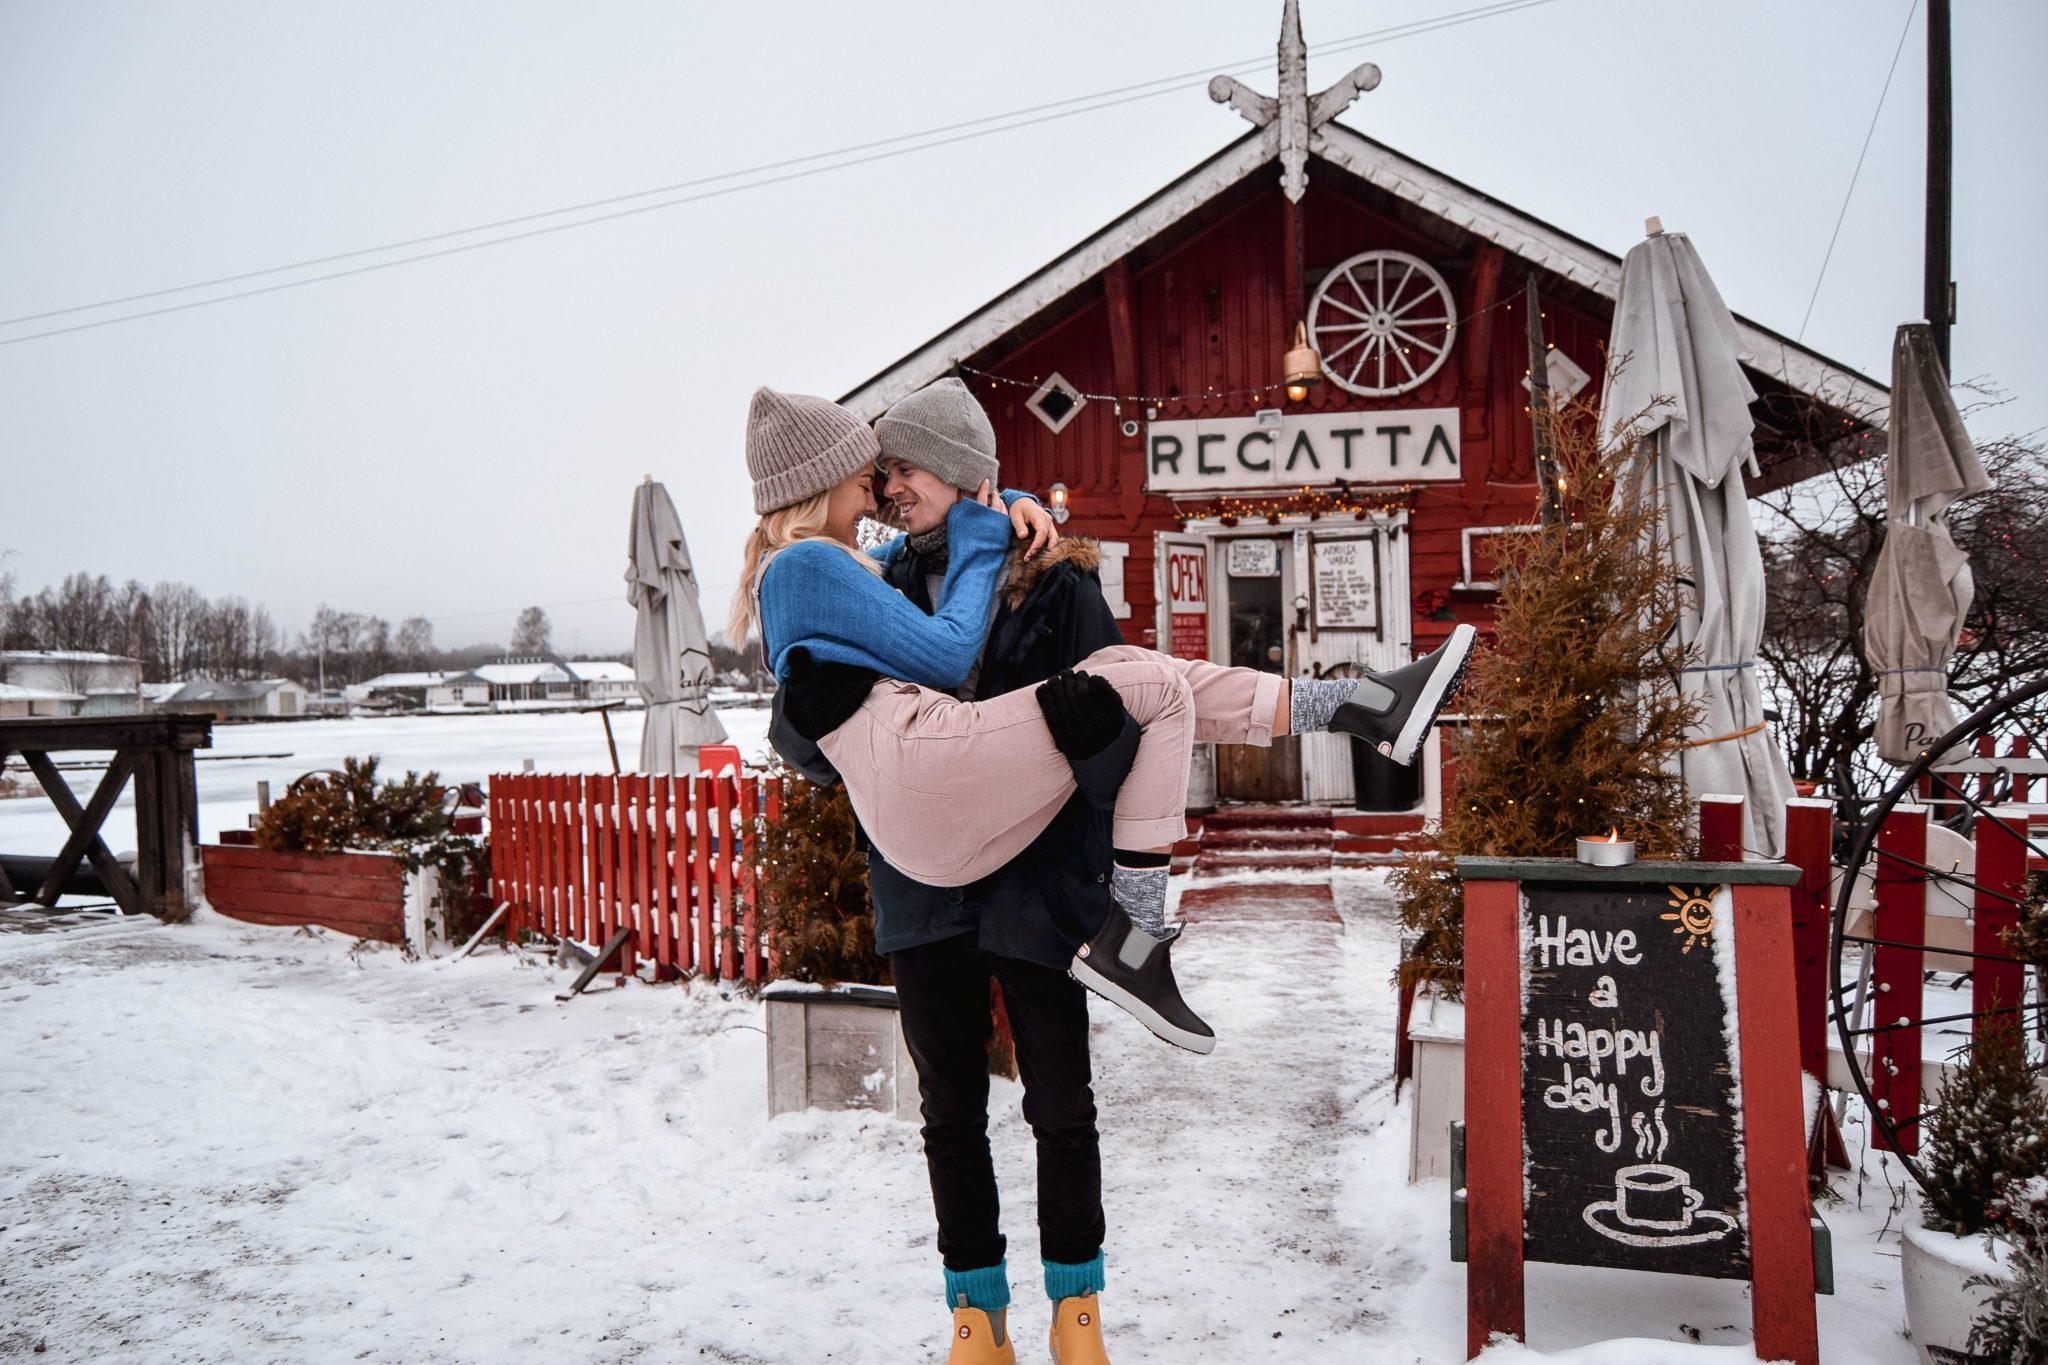 Things To Do In Helsinki In Winter - Cafe Regatta Helsinki